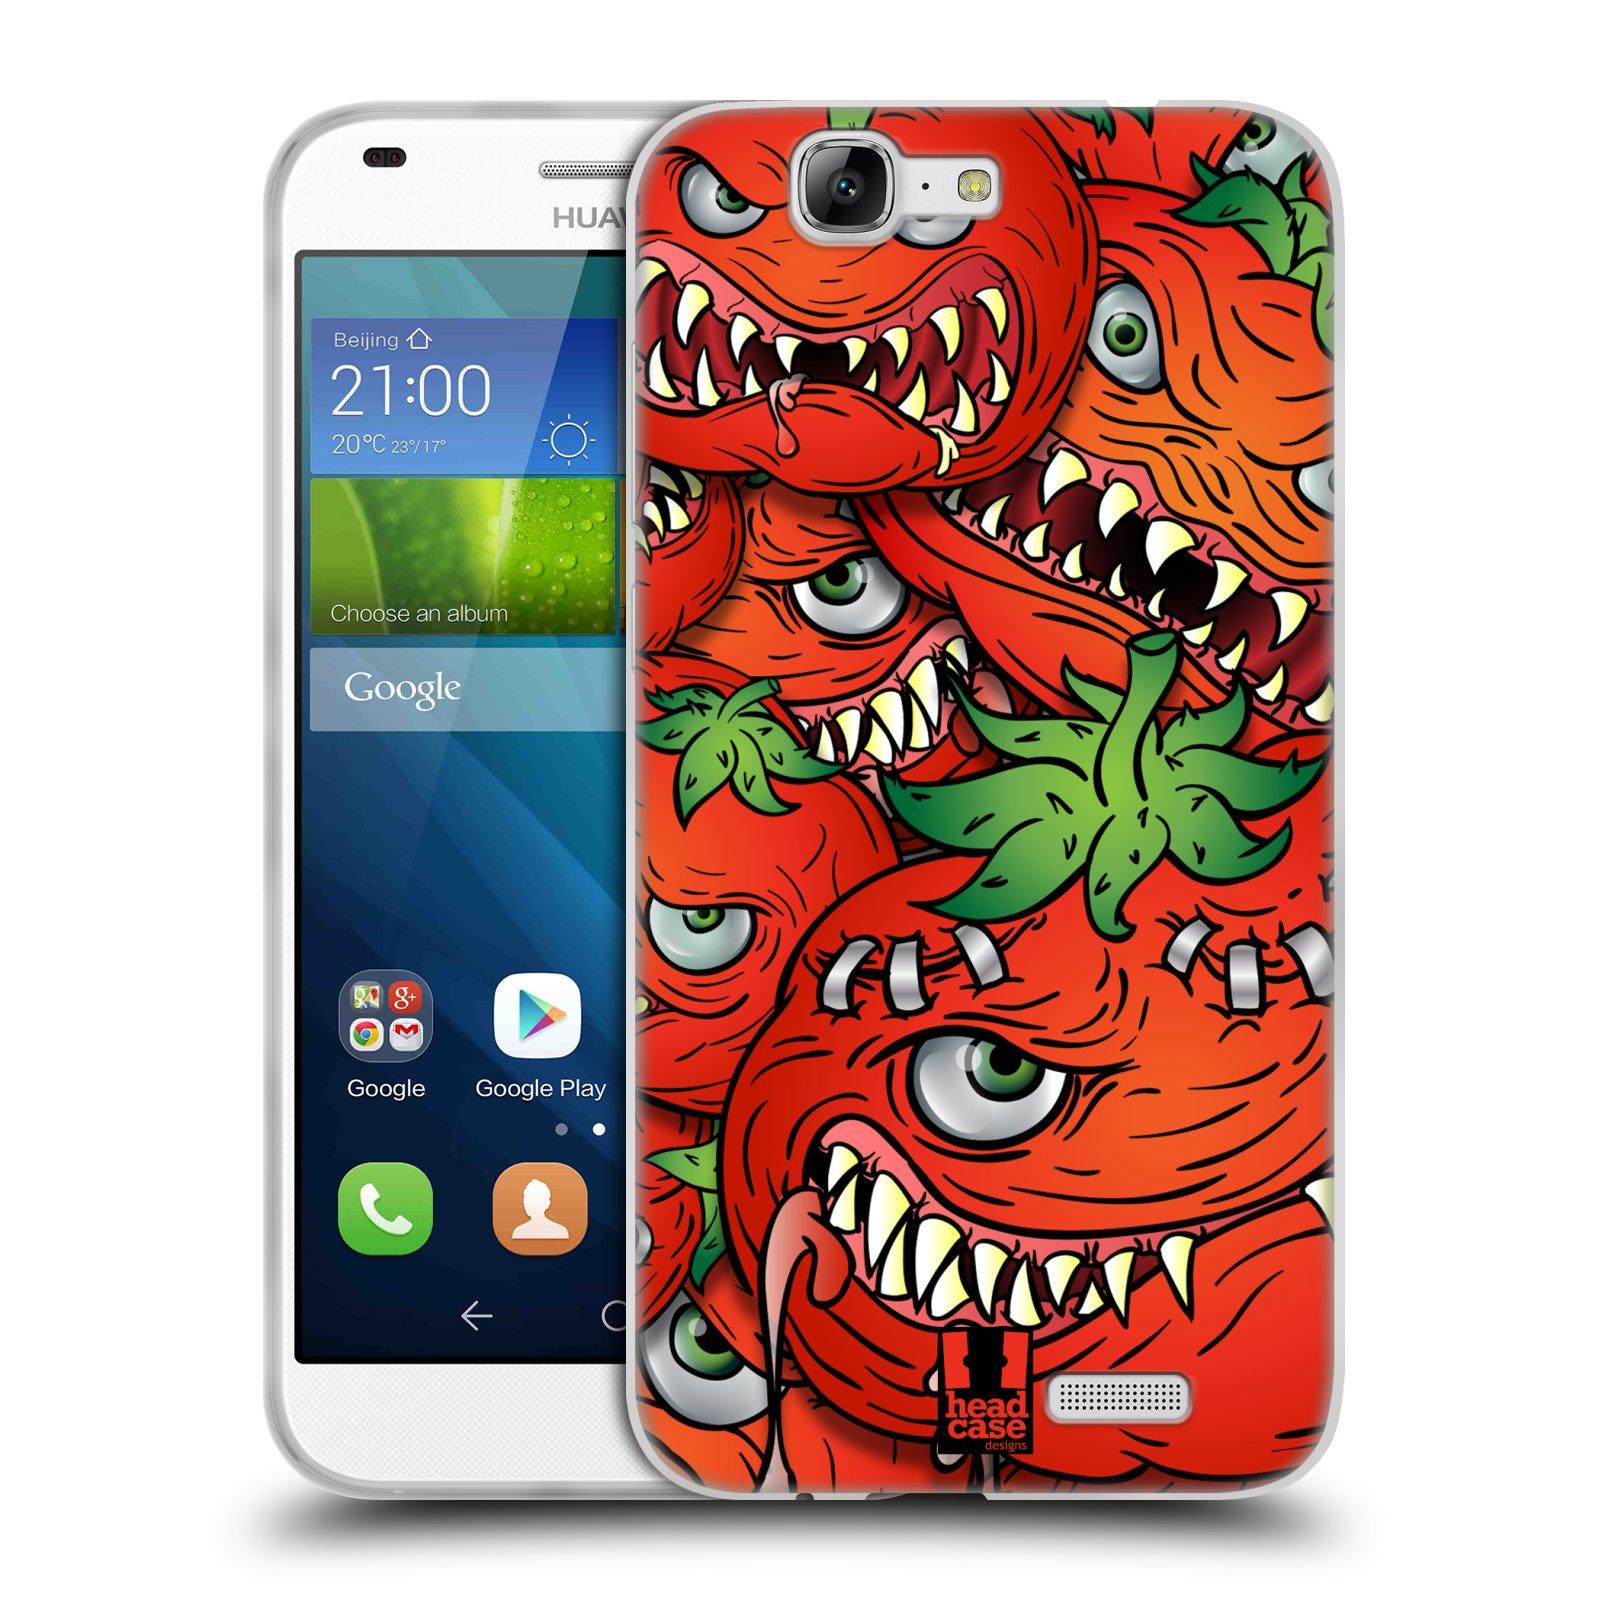 Silikonové pouzdro na mobil Huawei Ascend G7 HEAD CASE Rajčátka (Silikonový kryt či obal na mobilní telefon Huawei Ascend G7)